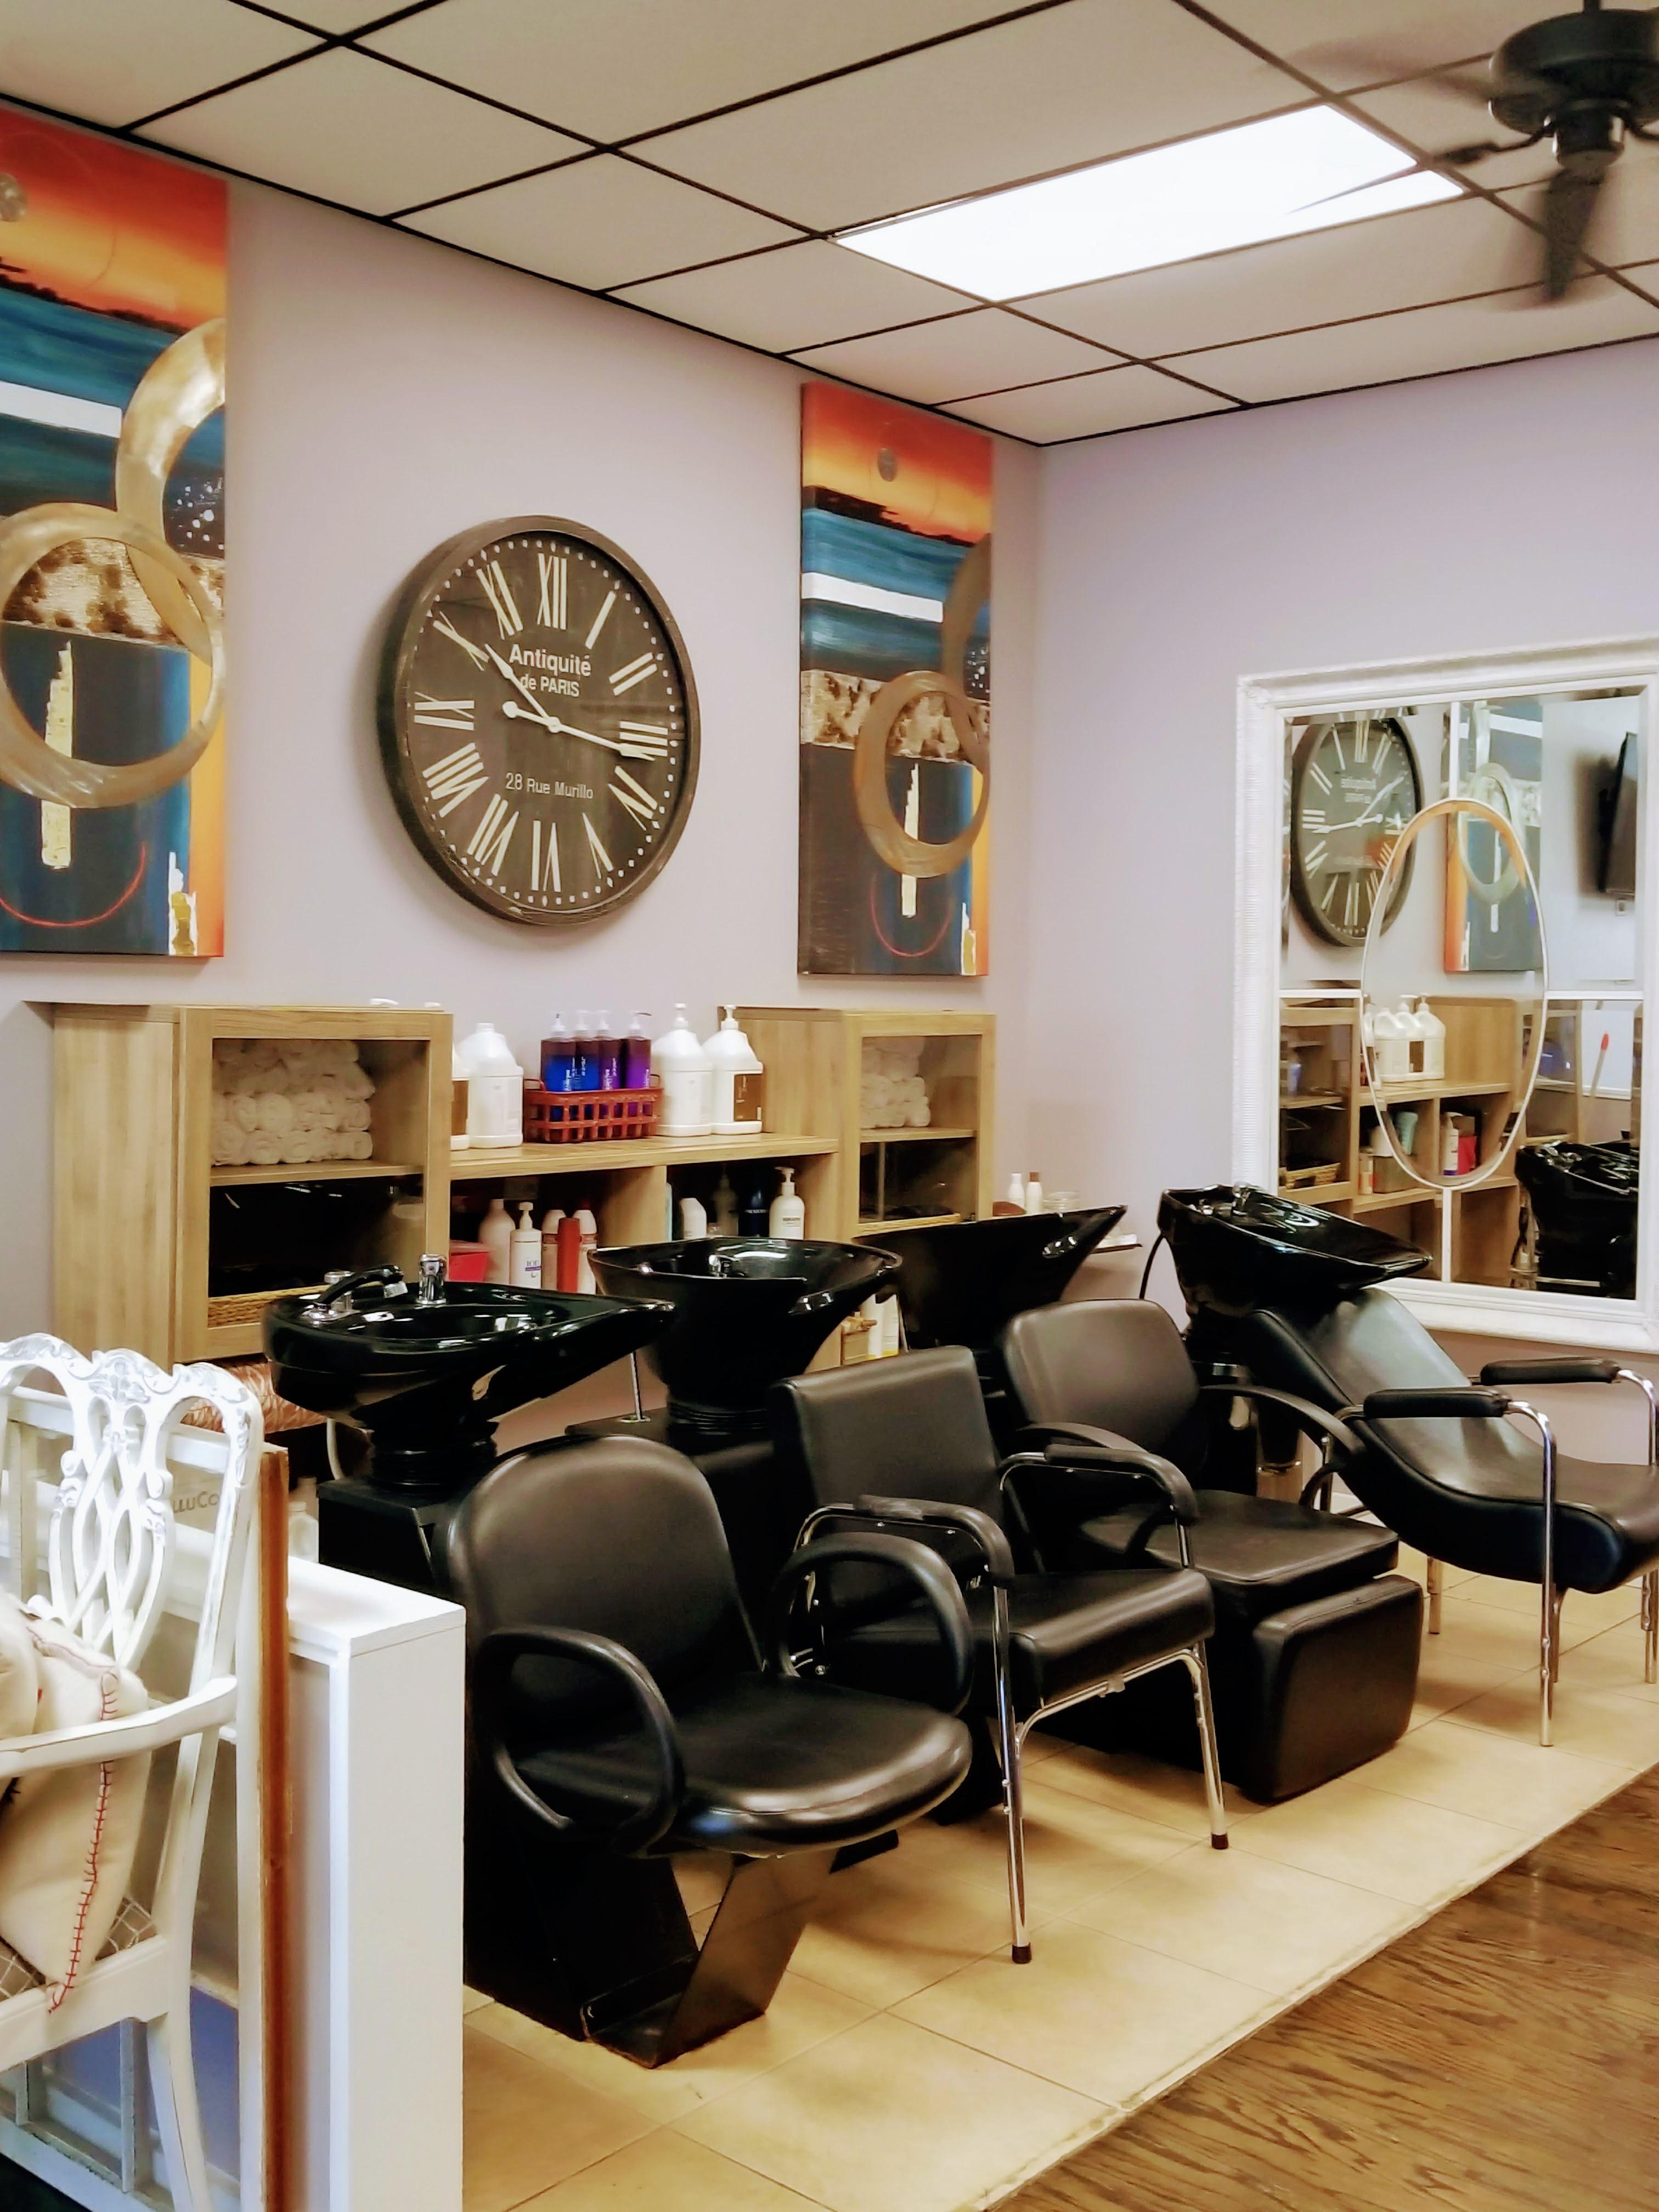 Full Circle Salon and Spa image 1